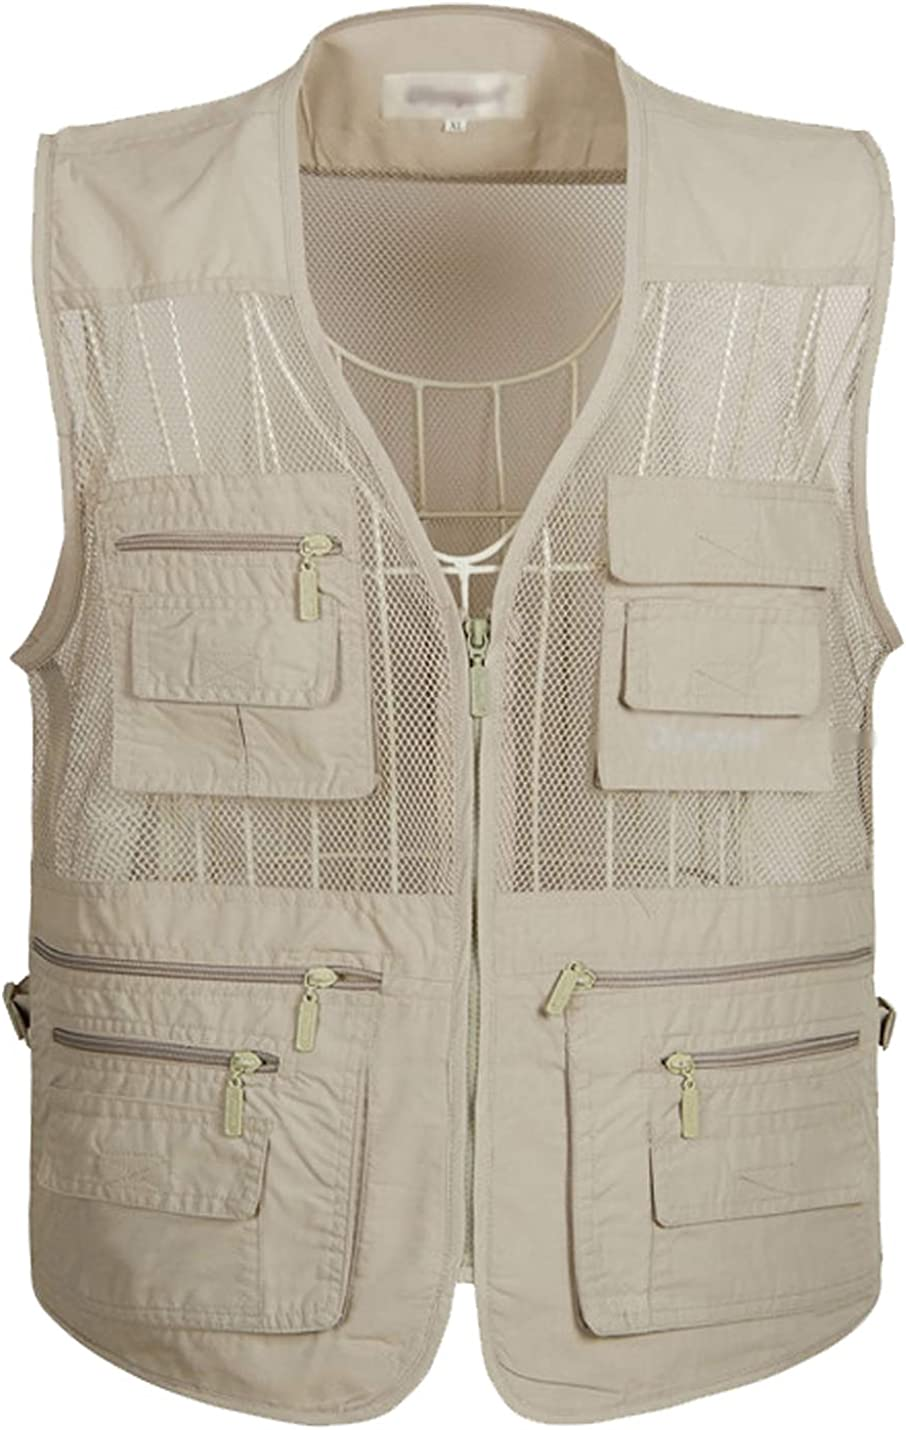 Flygo Mens Summer Mesh Fishing Vest Photography Work Multi-pockets Outdoors Journalists Vest Sleeveless Jacket XX-Large, Khaki